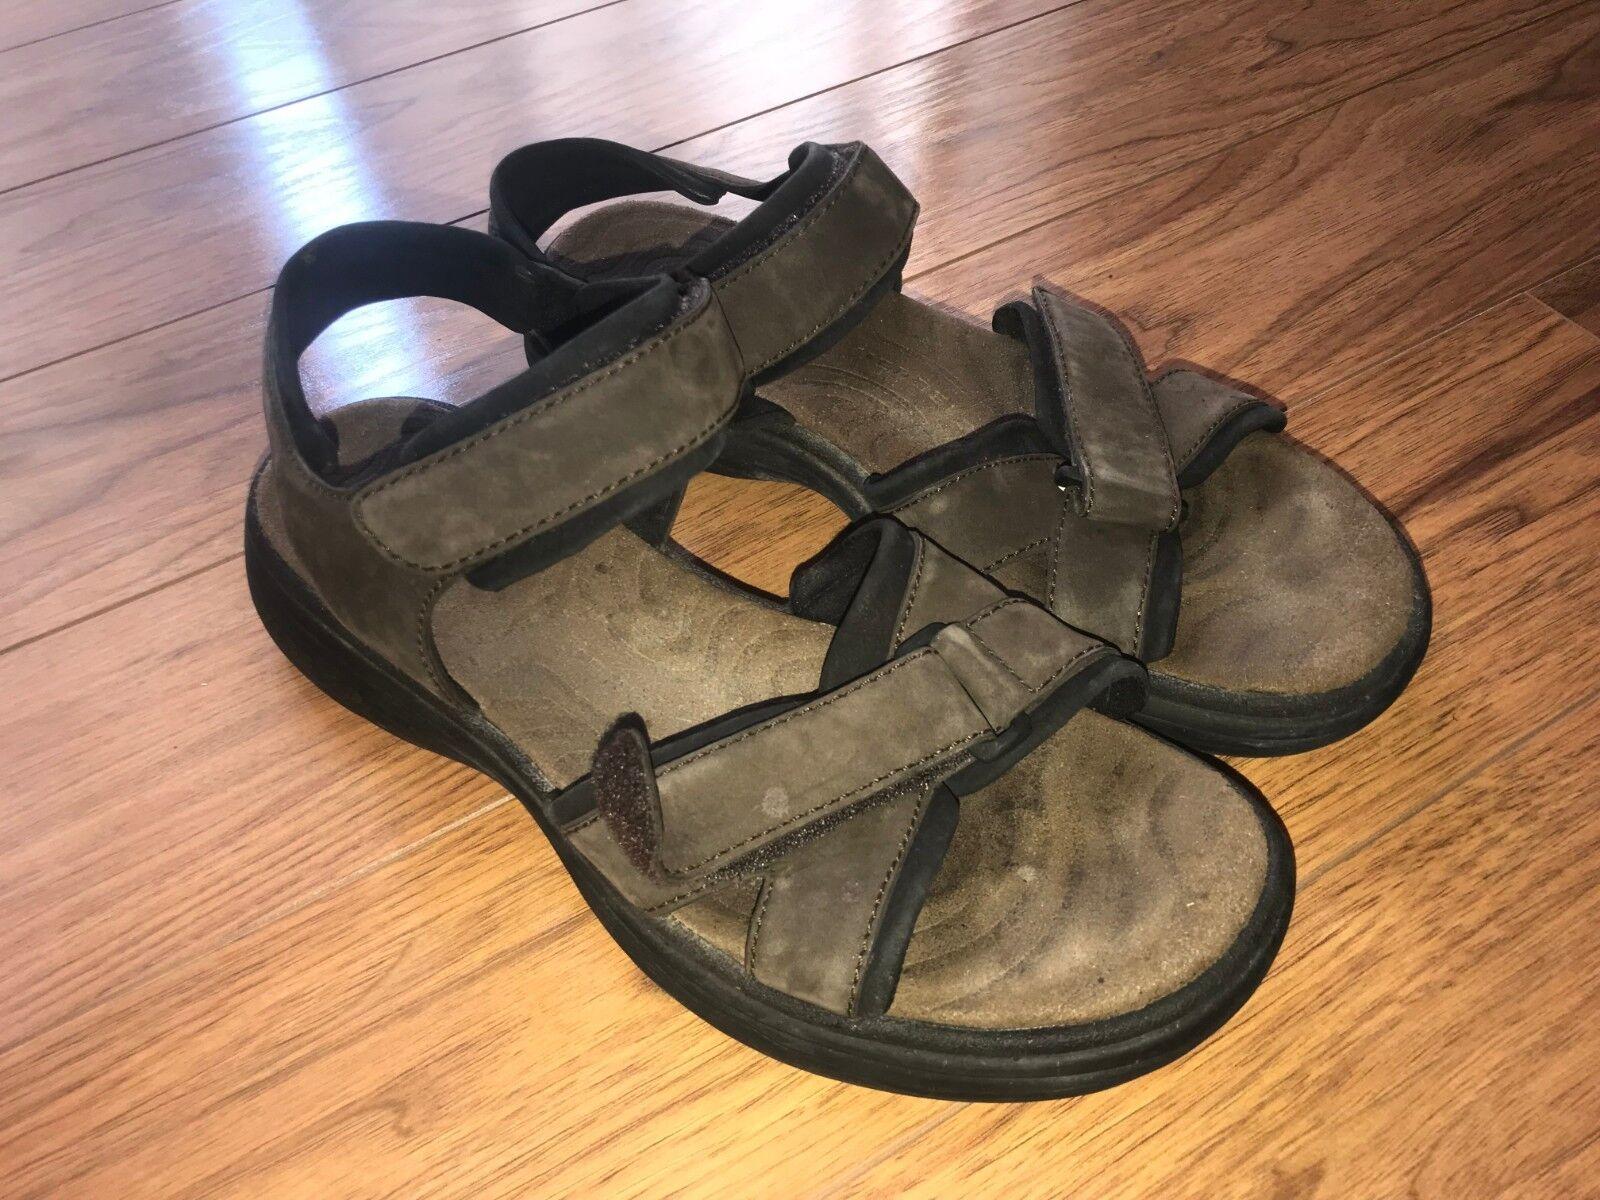 Merrell mens sandals size 10 US